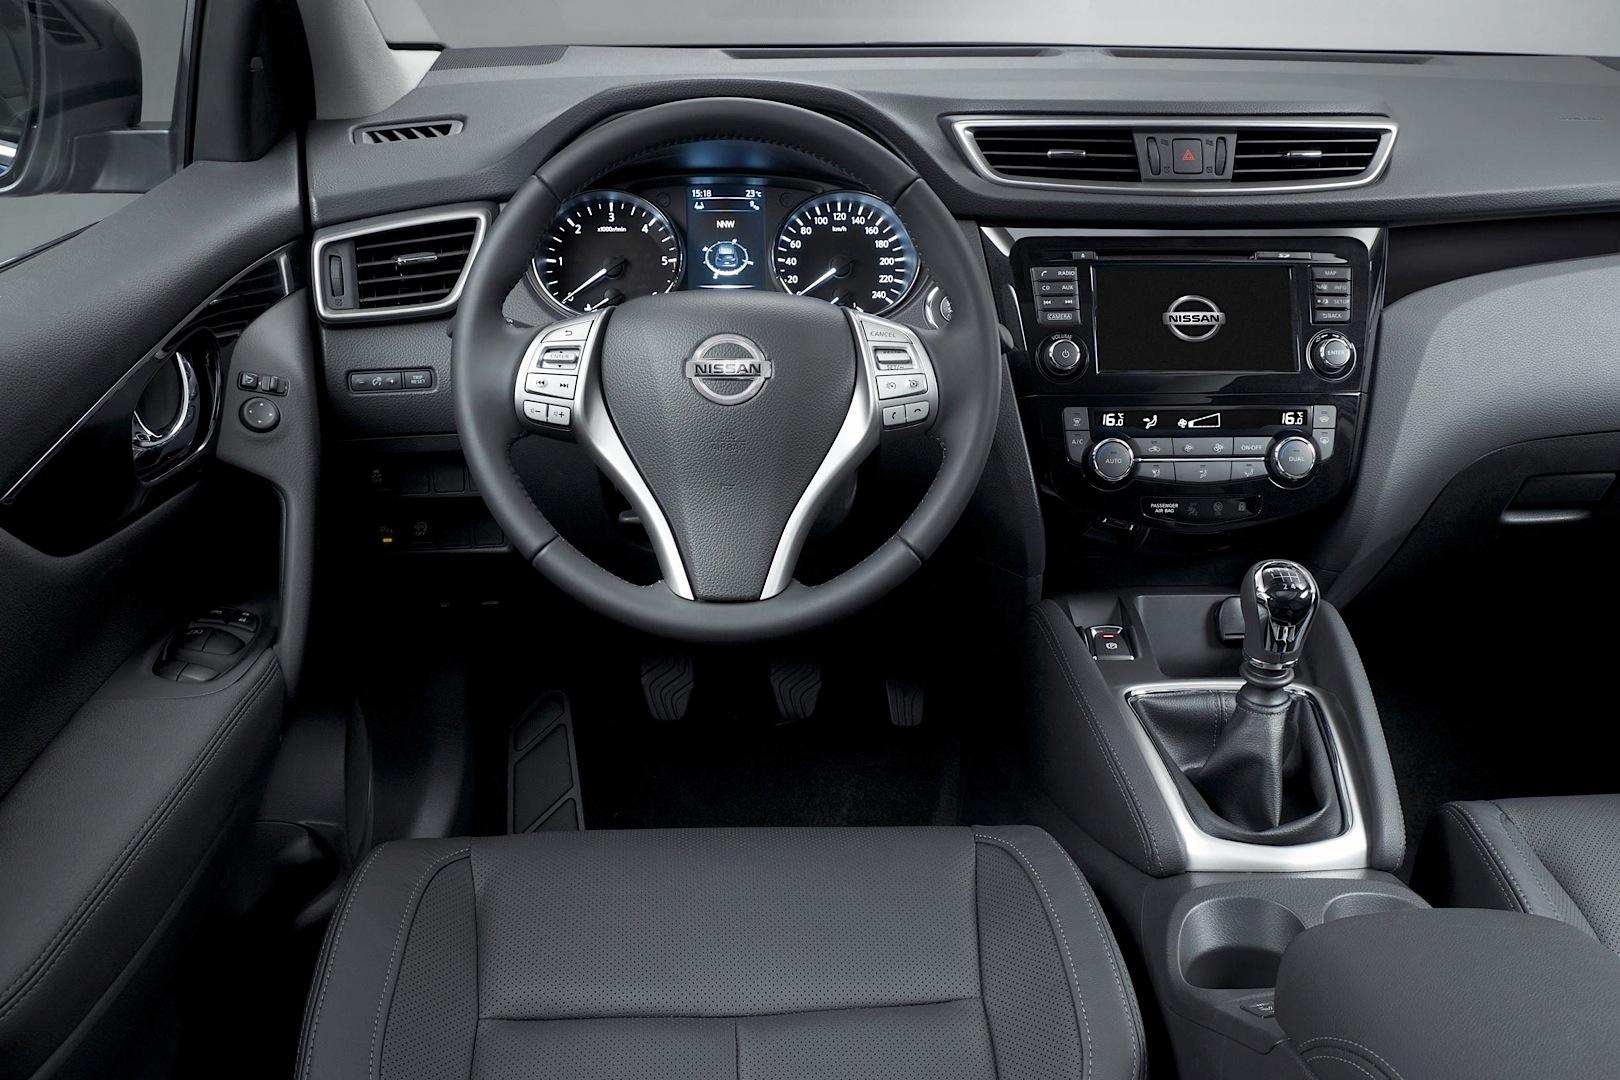 2014-Nissan-Qashqai-ic-mekan